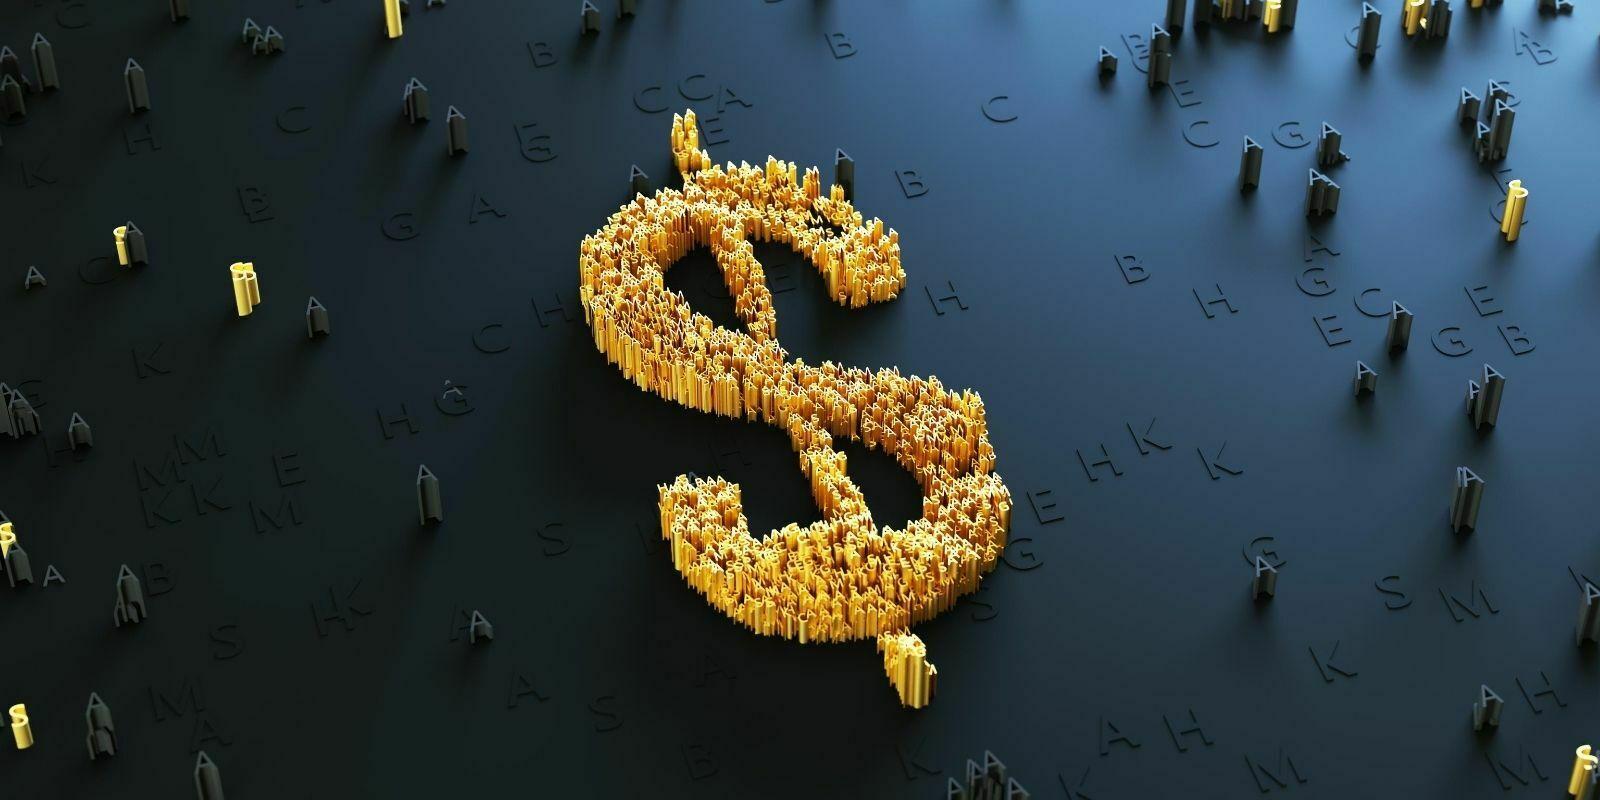 Les cryptomonnaies stimulent l'innovation autour de l'argent programmable